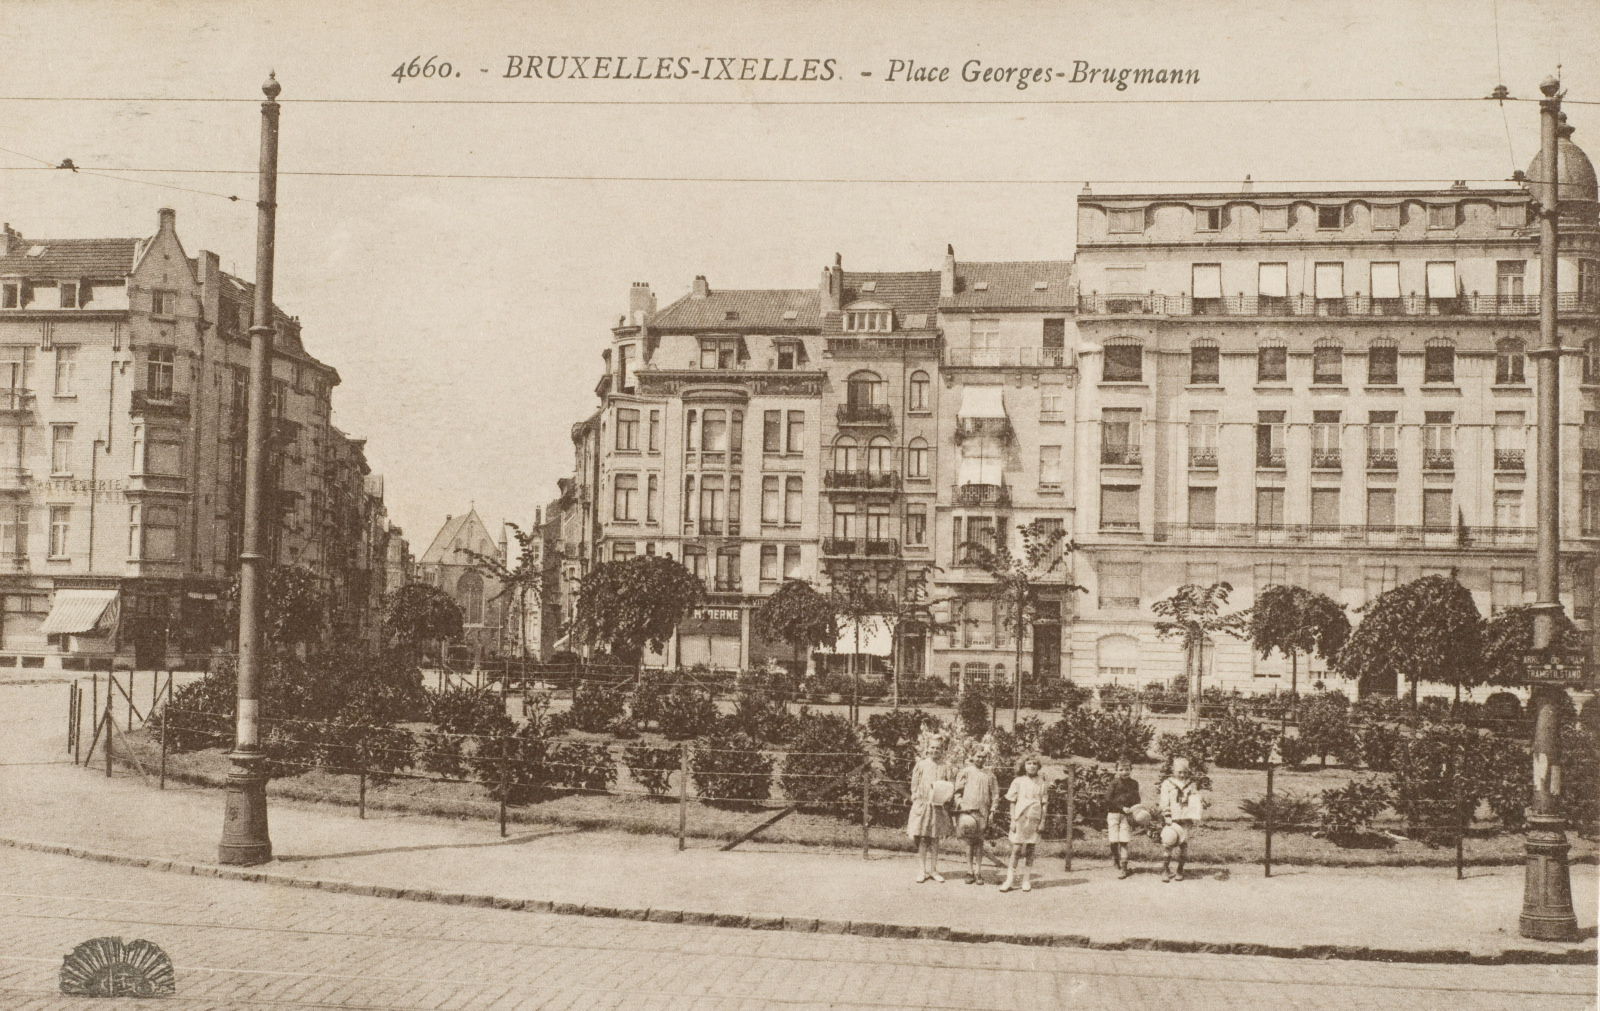 Place Georges Brugmann, côté nord de la rue, vers 1900 (Collection Dexia Banque).